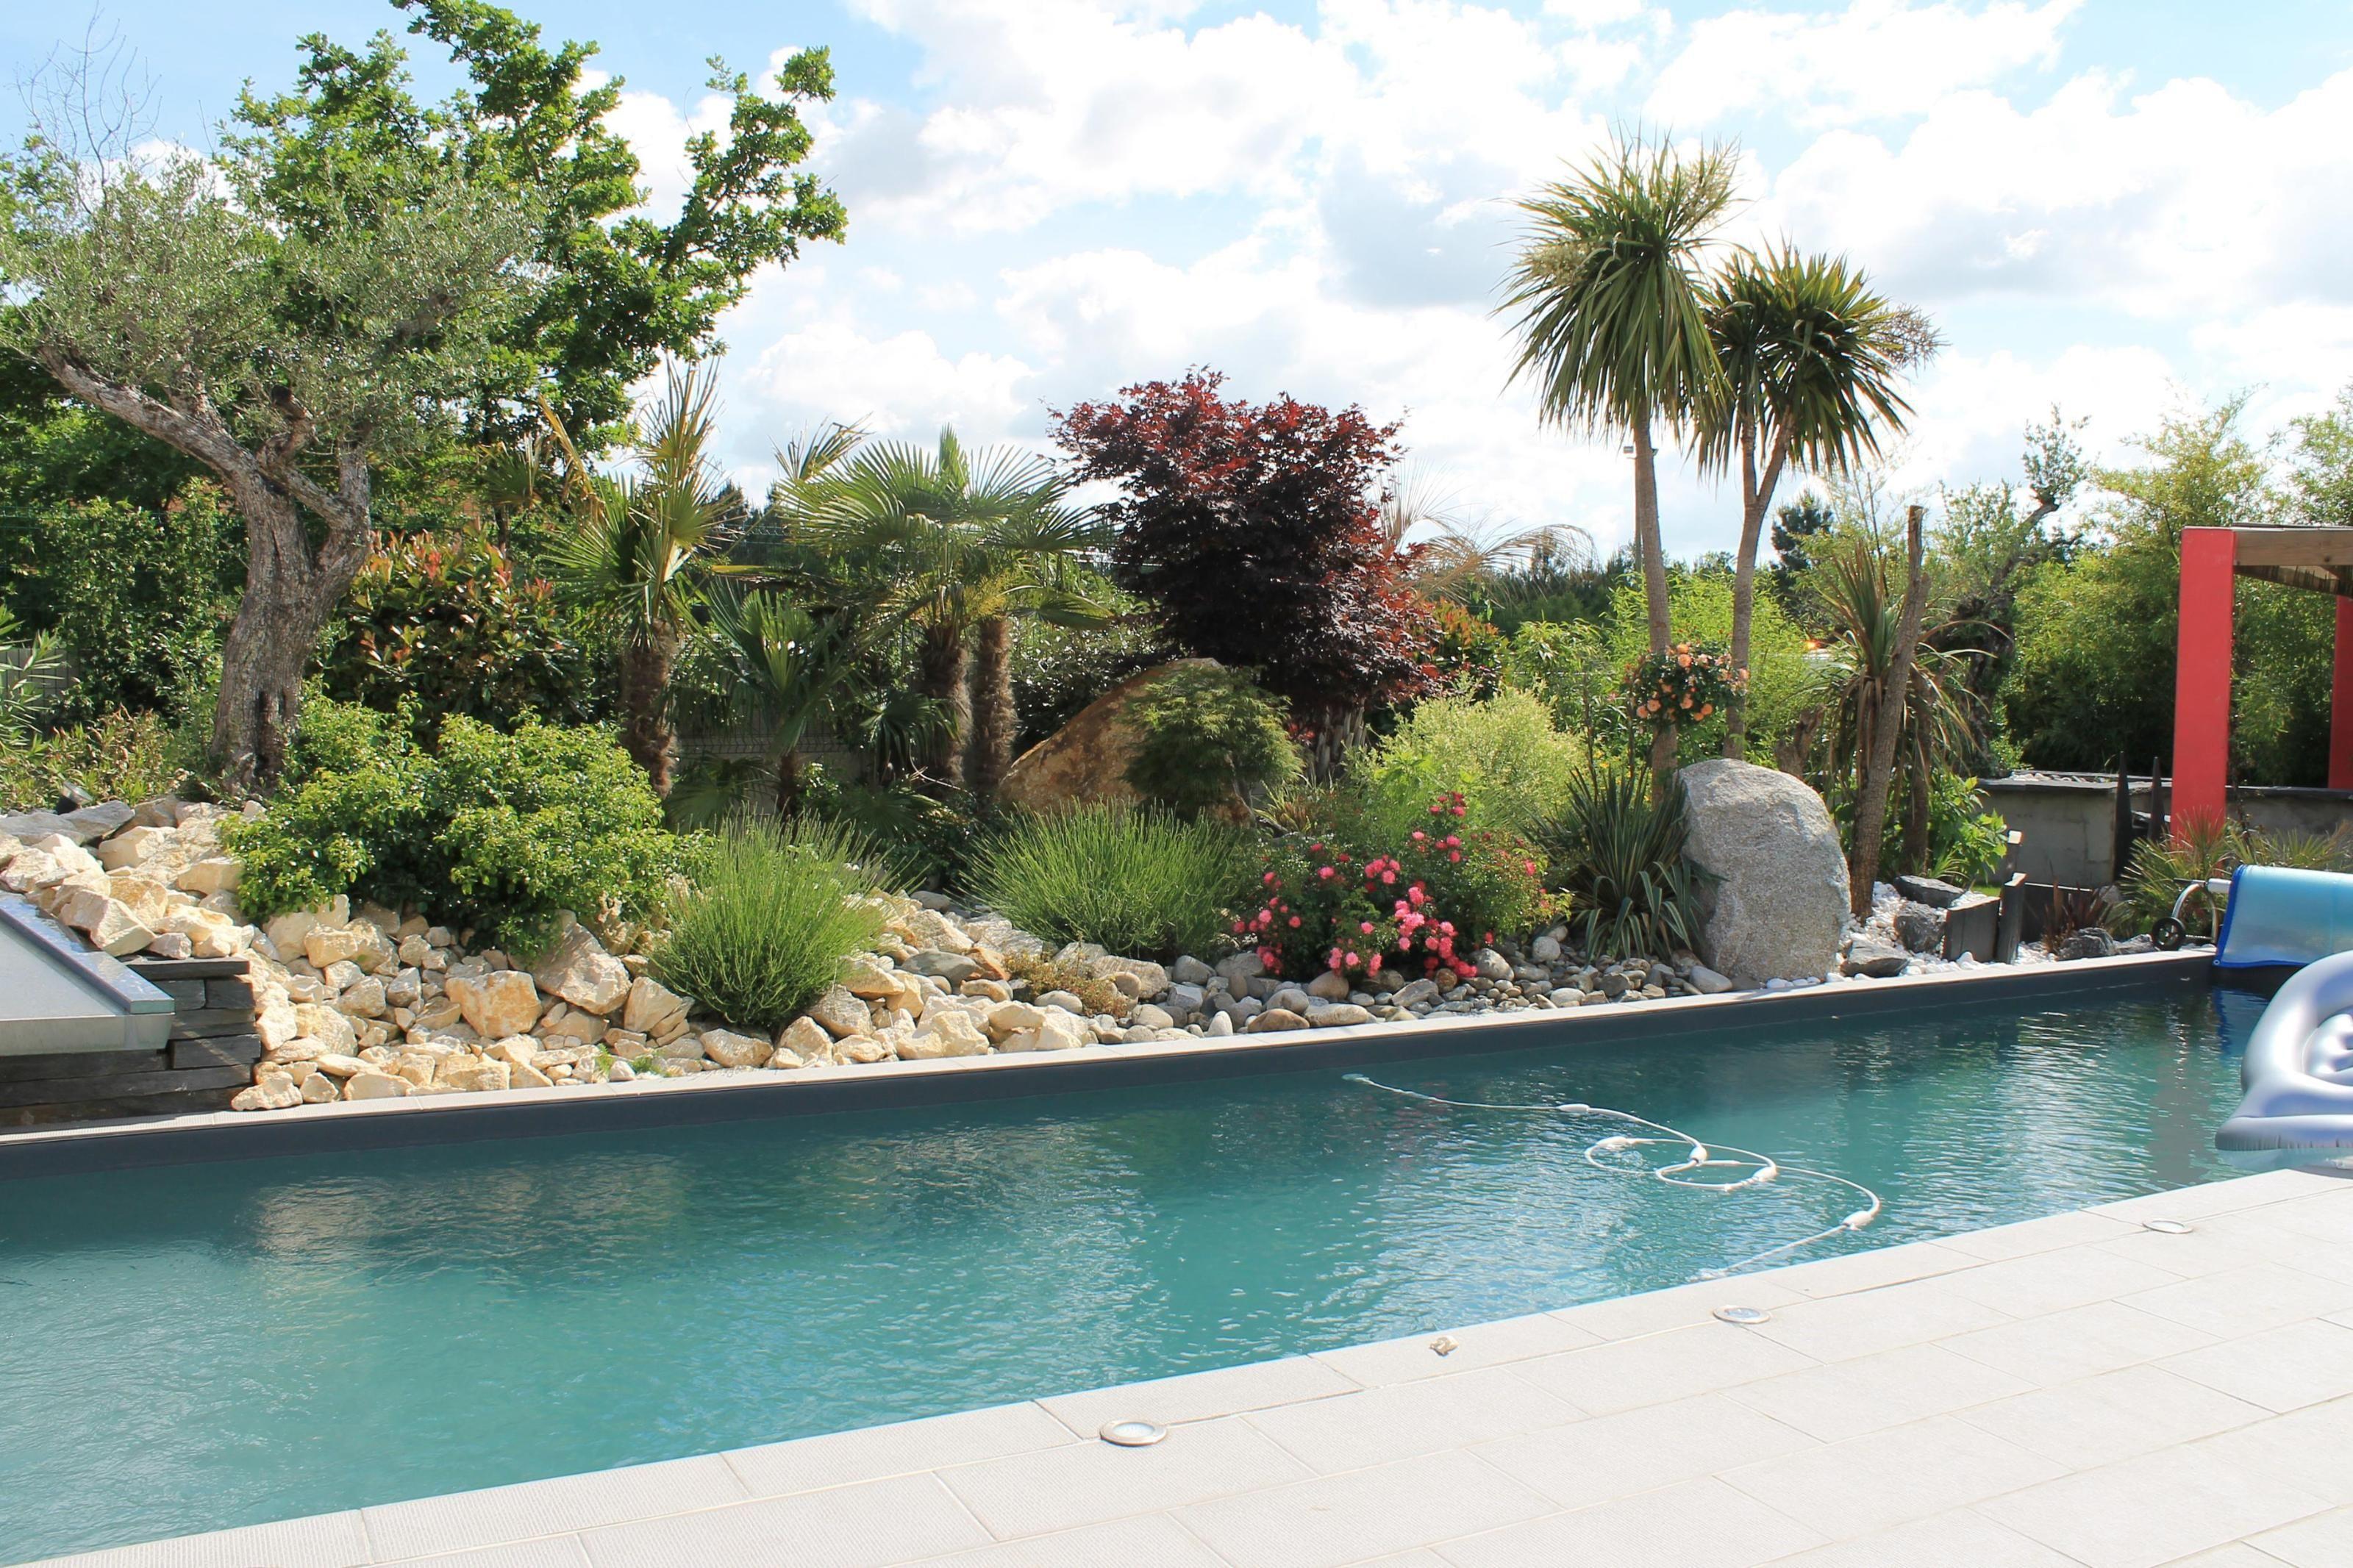 Deco exterieur piscine jardin beautiful decoration autour d une piscine photos house design - Gourdon piscine ...